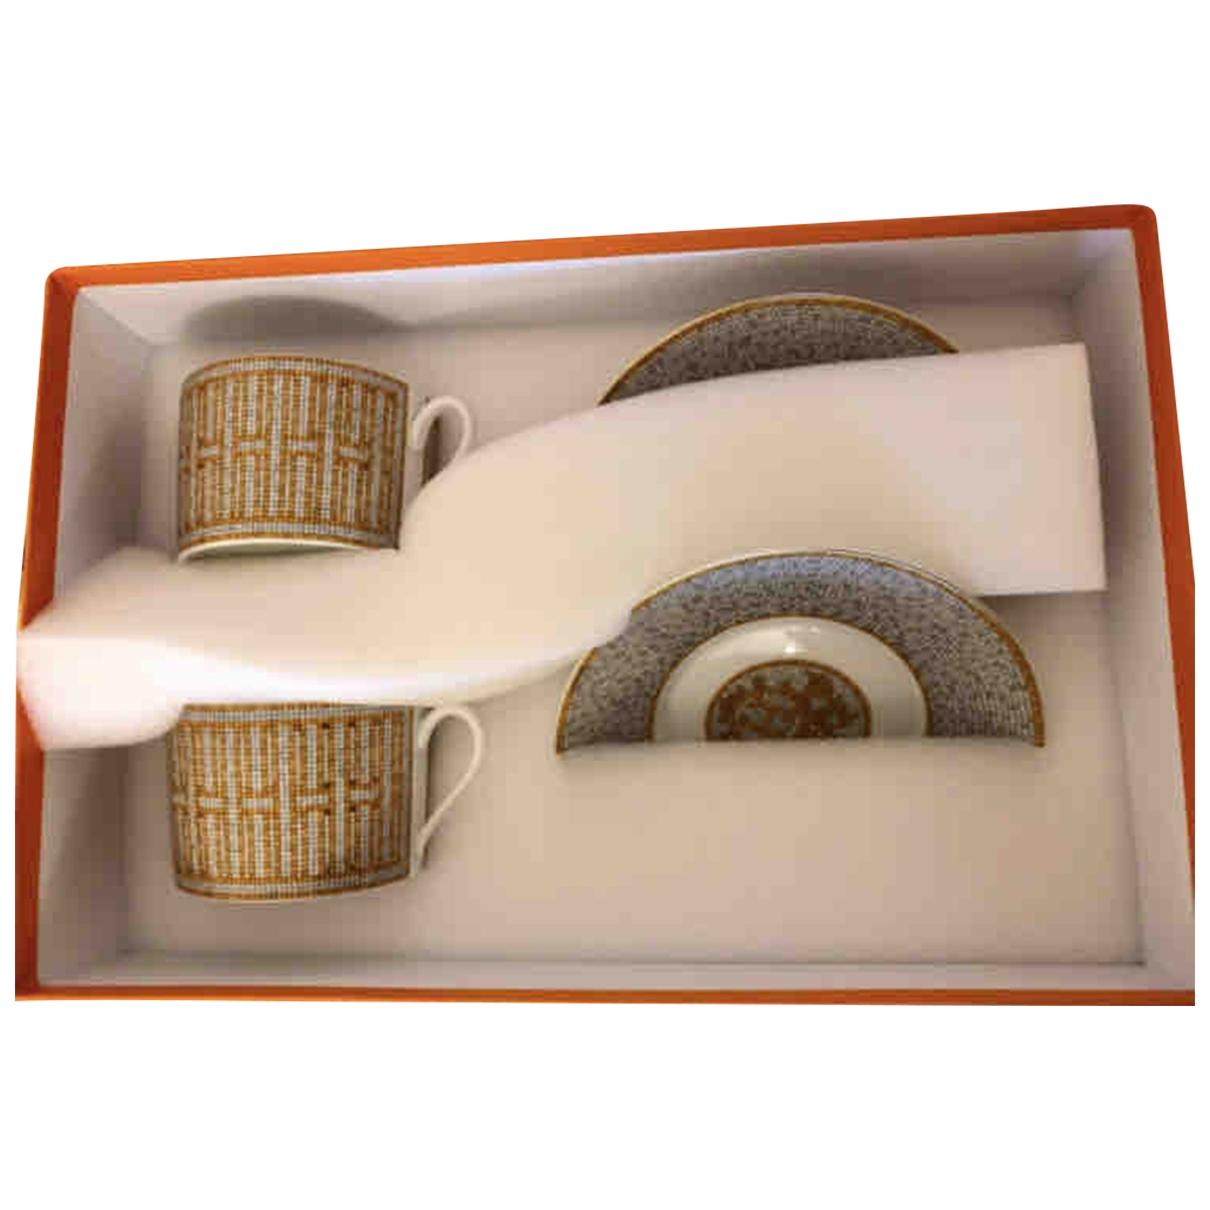 Hermes - Arts de la table Mosaique au 24 pour lifestyle en porcelaine - beige